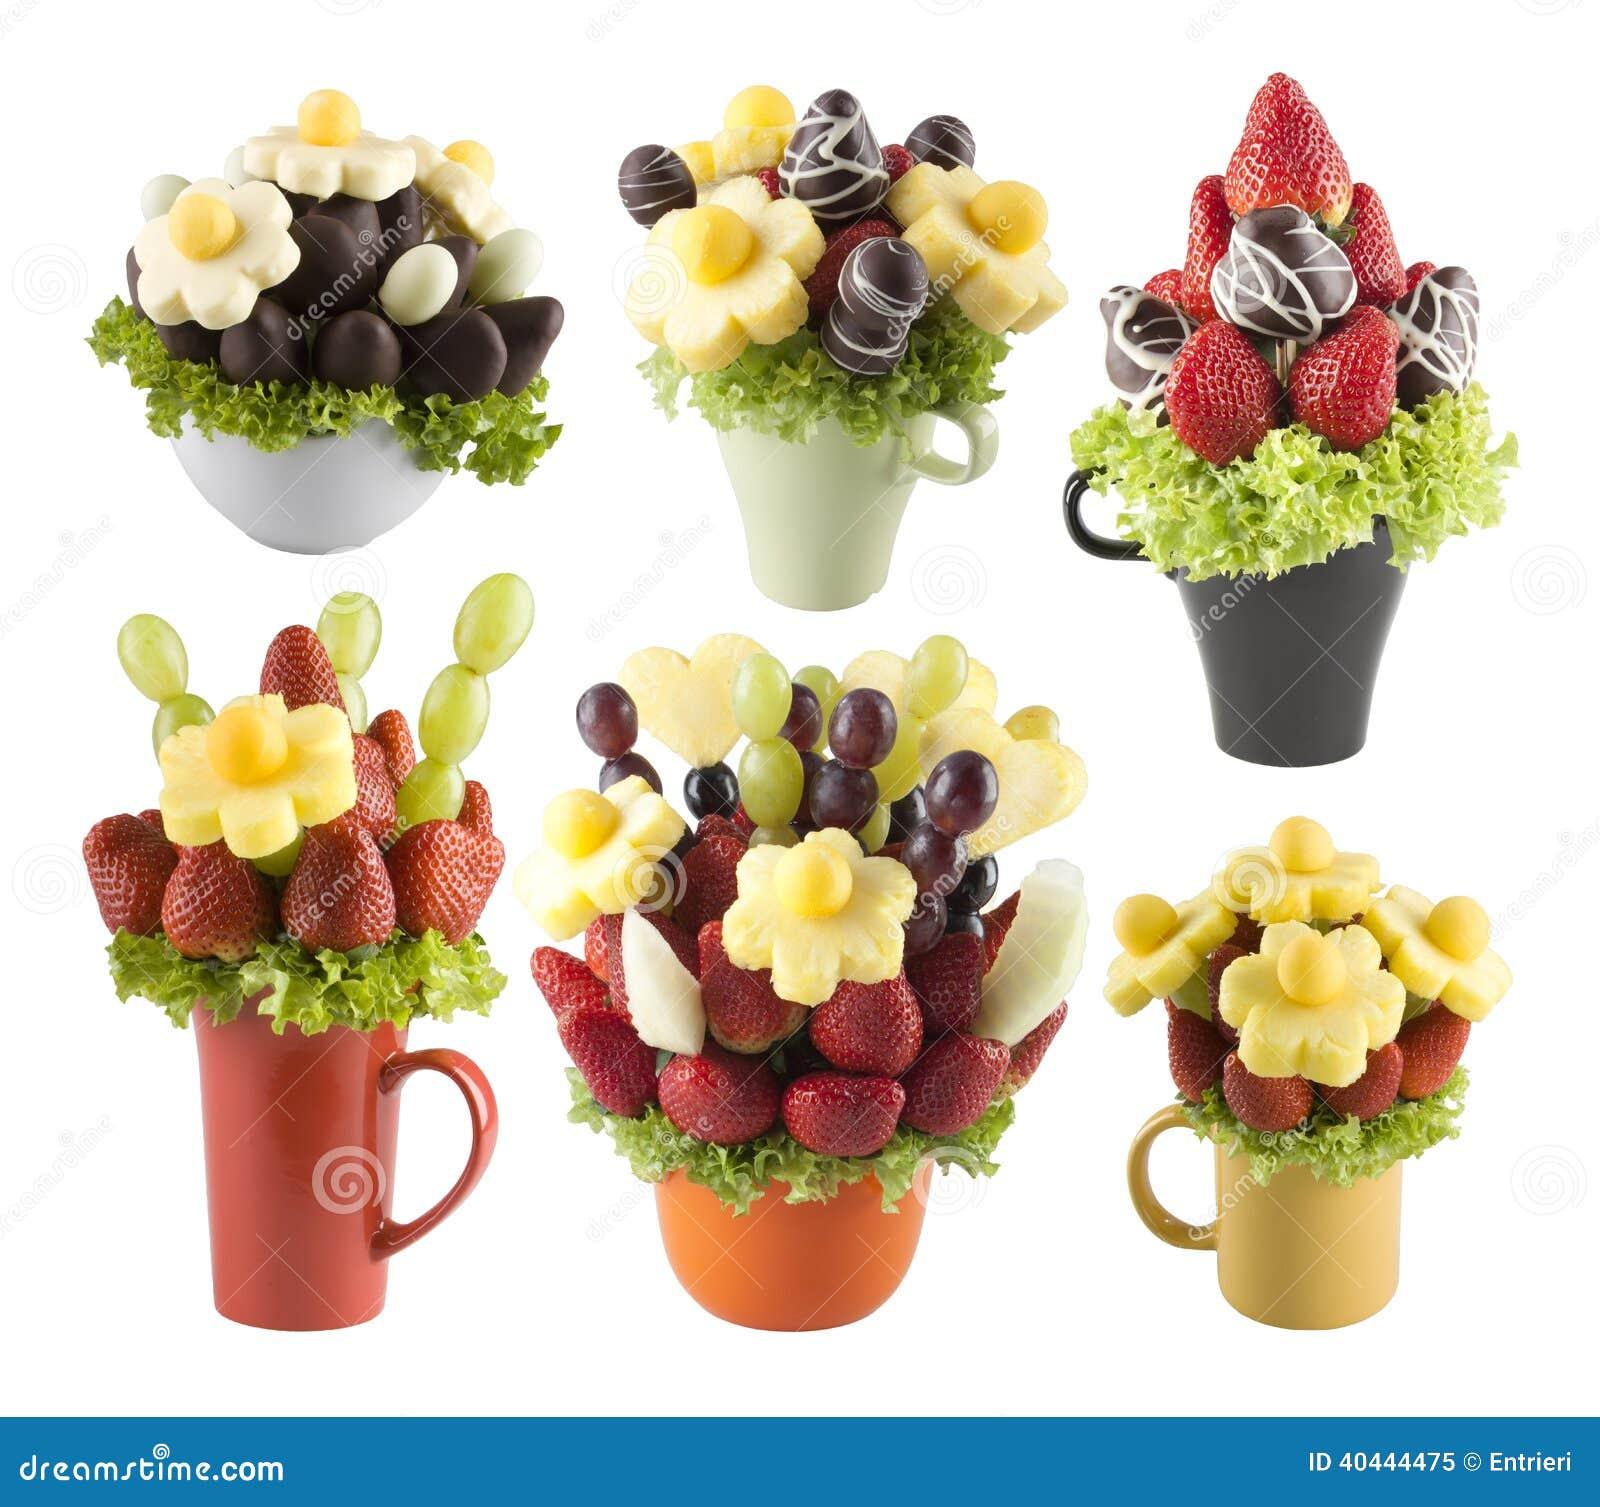 porte des fruits les bouquets des fleurs image stock image du bouquet sain 40444475. Black Bedroom Furniture Sets. Home Design Ideas